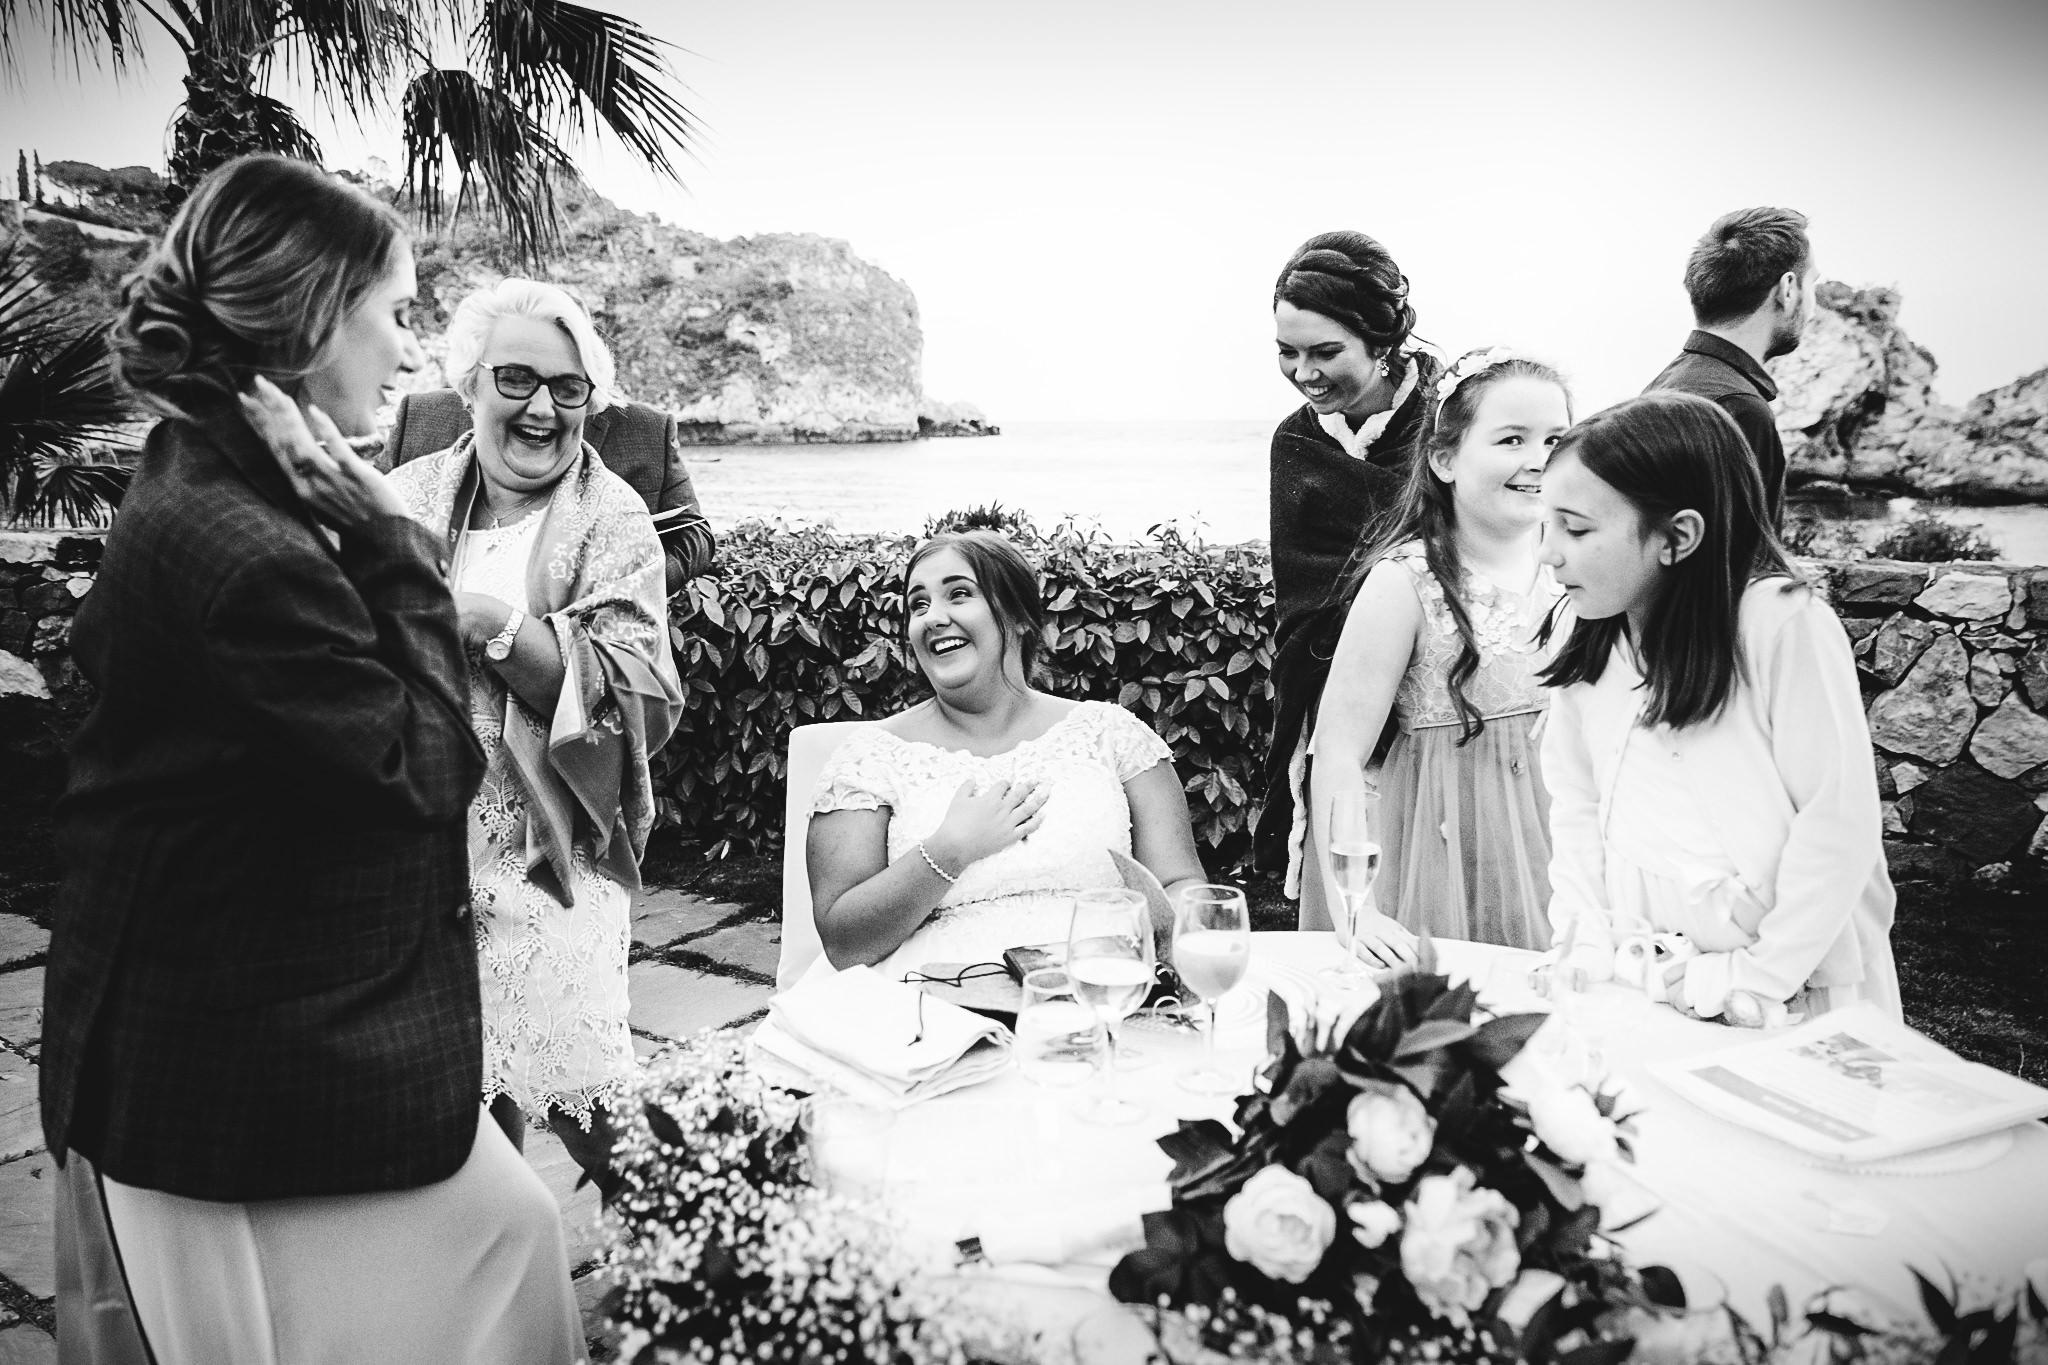 064-2019-04-27-Wedding-Michelle-e-Callum-5DE-828